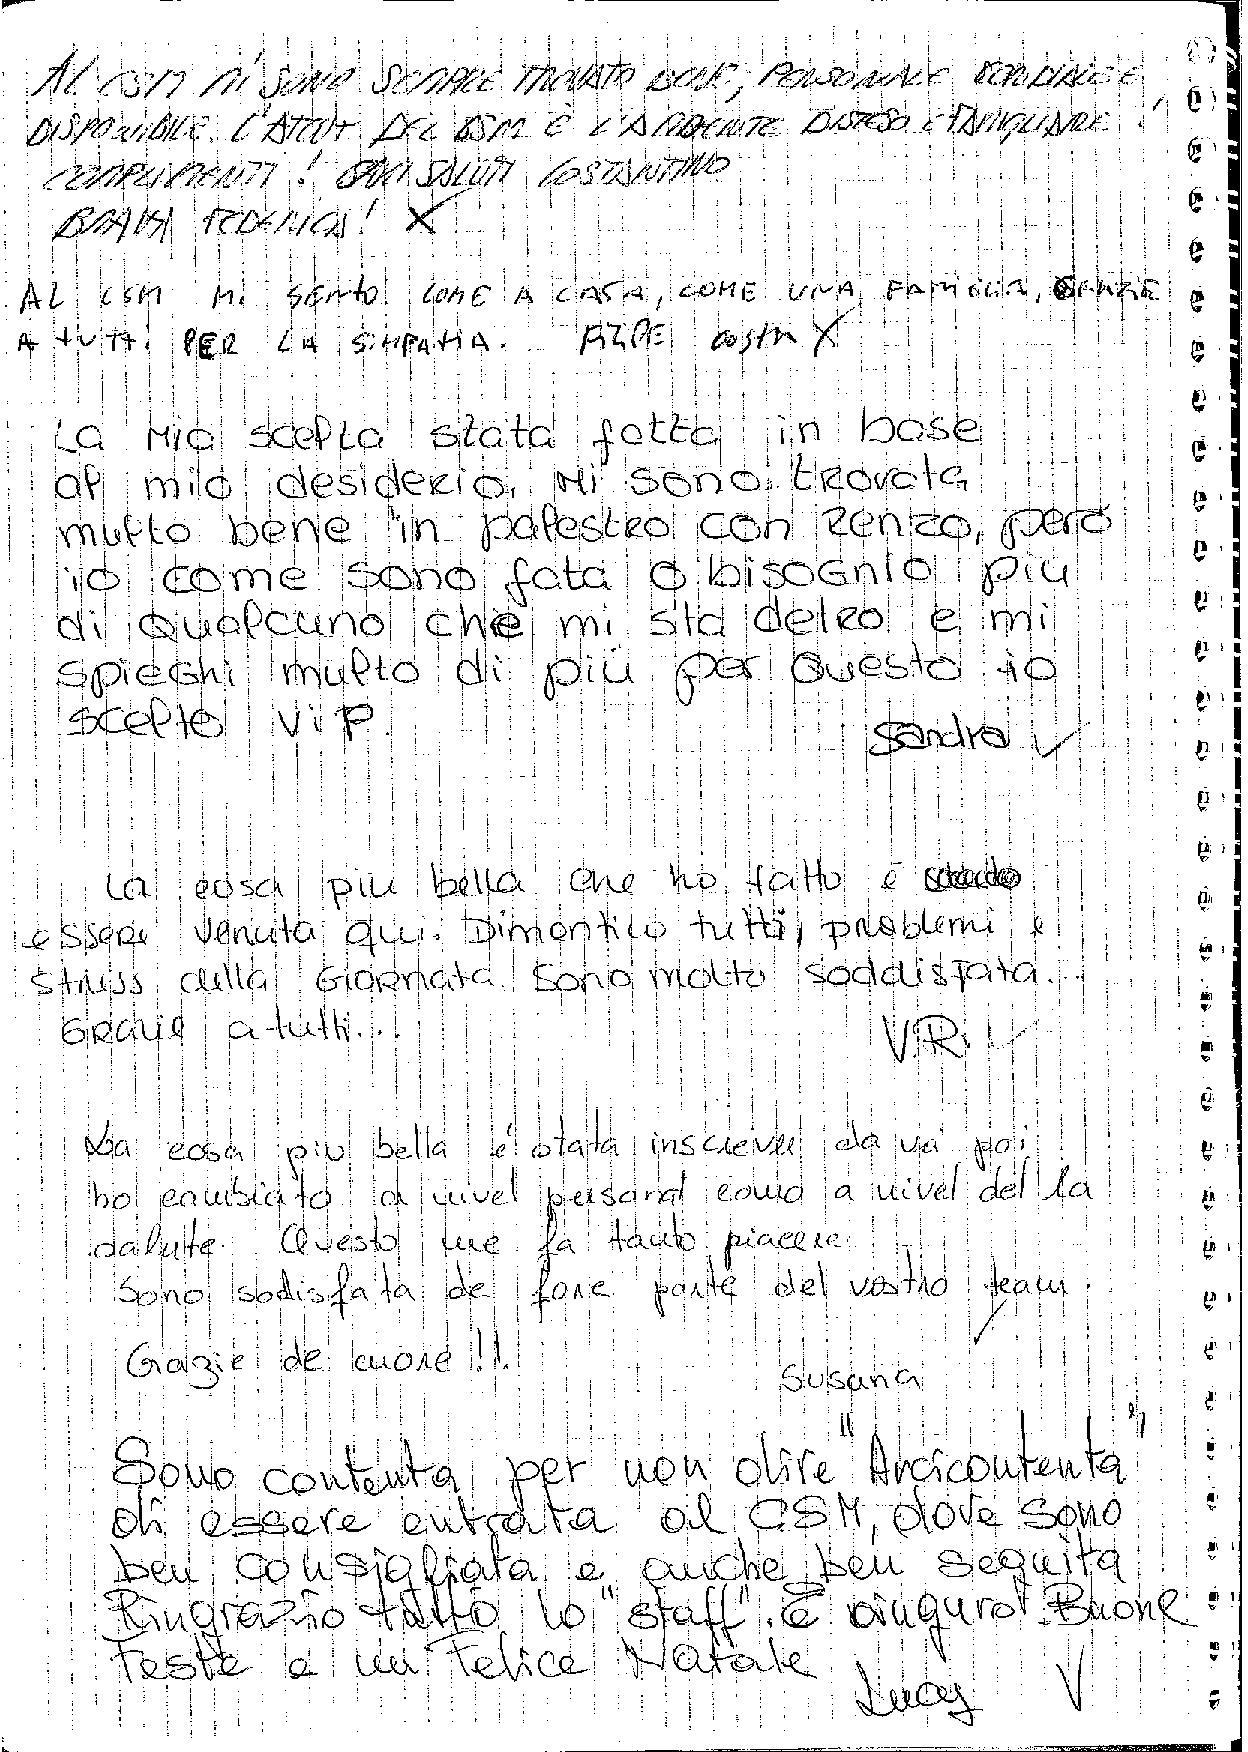 testimonianza-12